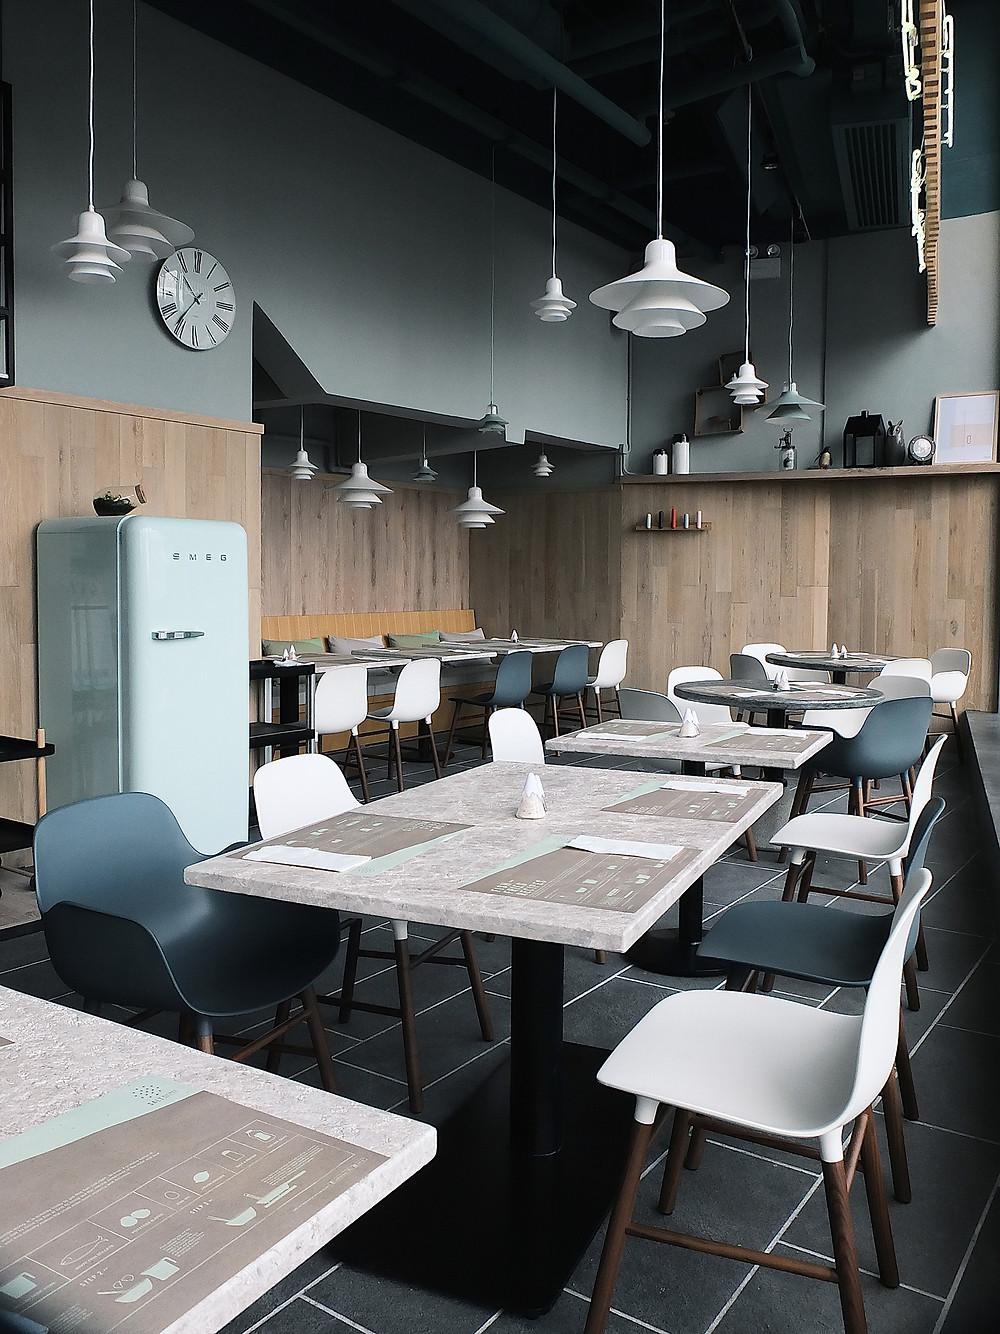 Skandinaaviast innustust leidnud restoran Salt Recipes Hong Kong´is sisustati Normann Copenhagen´i toodetega, et pakkuda toiduelamustele lisaks põhjamaiselt minimalistlikku interjööri. Peaaegu kõik selles restoranis viitab Skandinaaviale - ka mööbli ja interjööri puhul: Normann CPH Form toolid ja Ikono lambid.